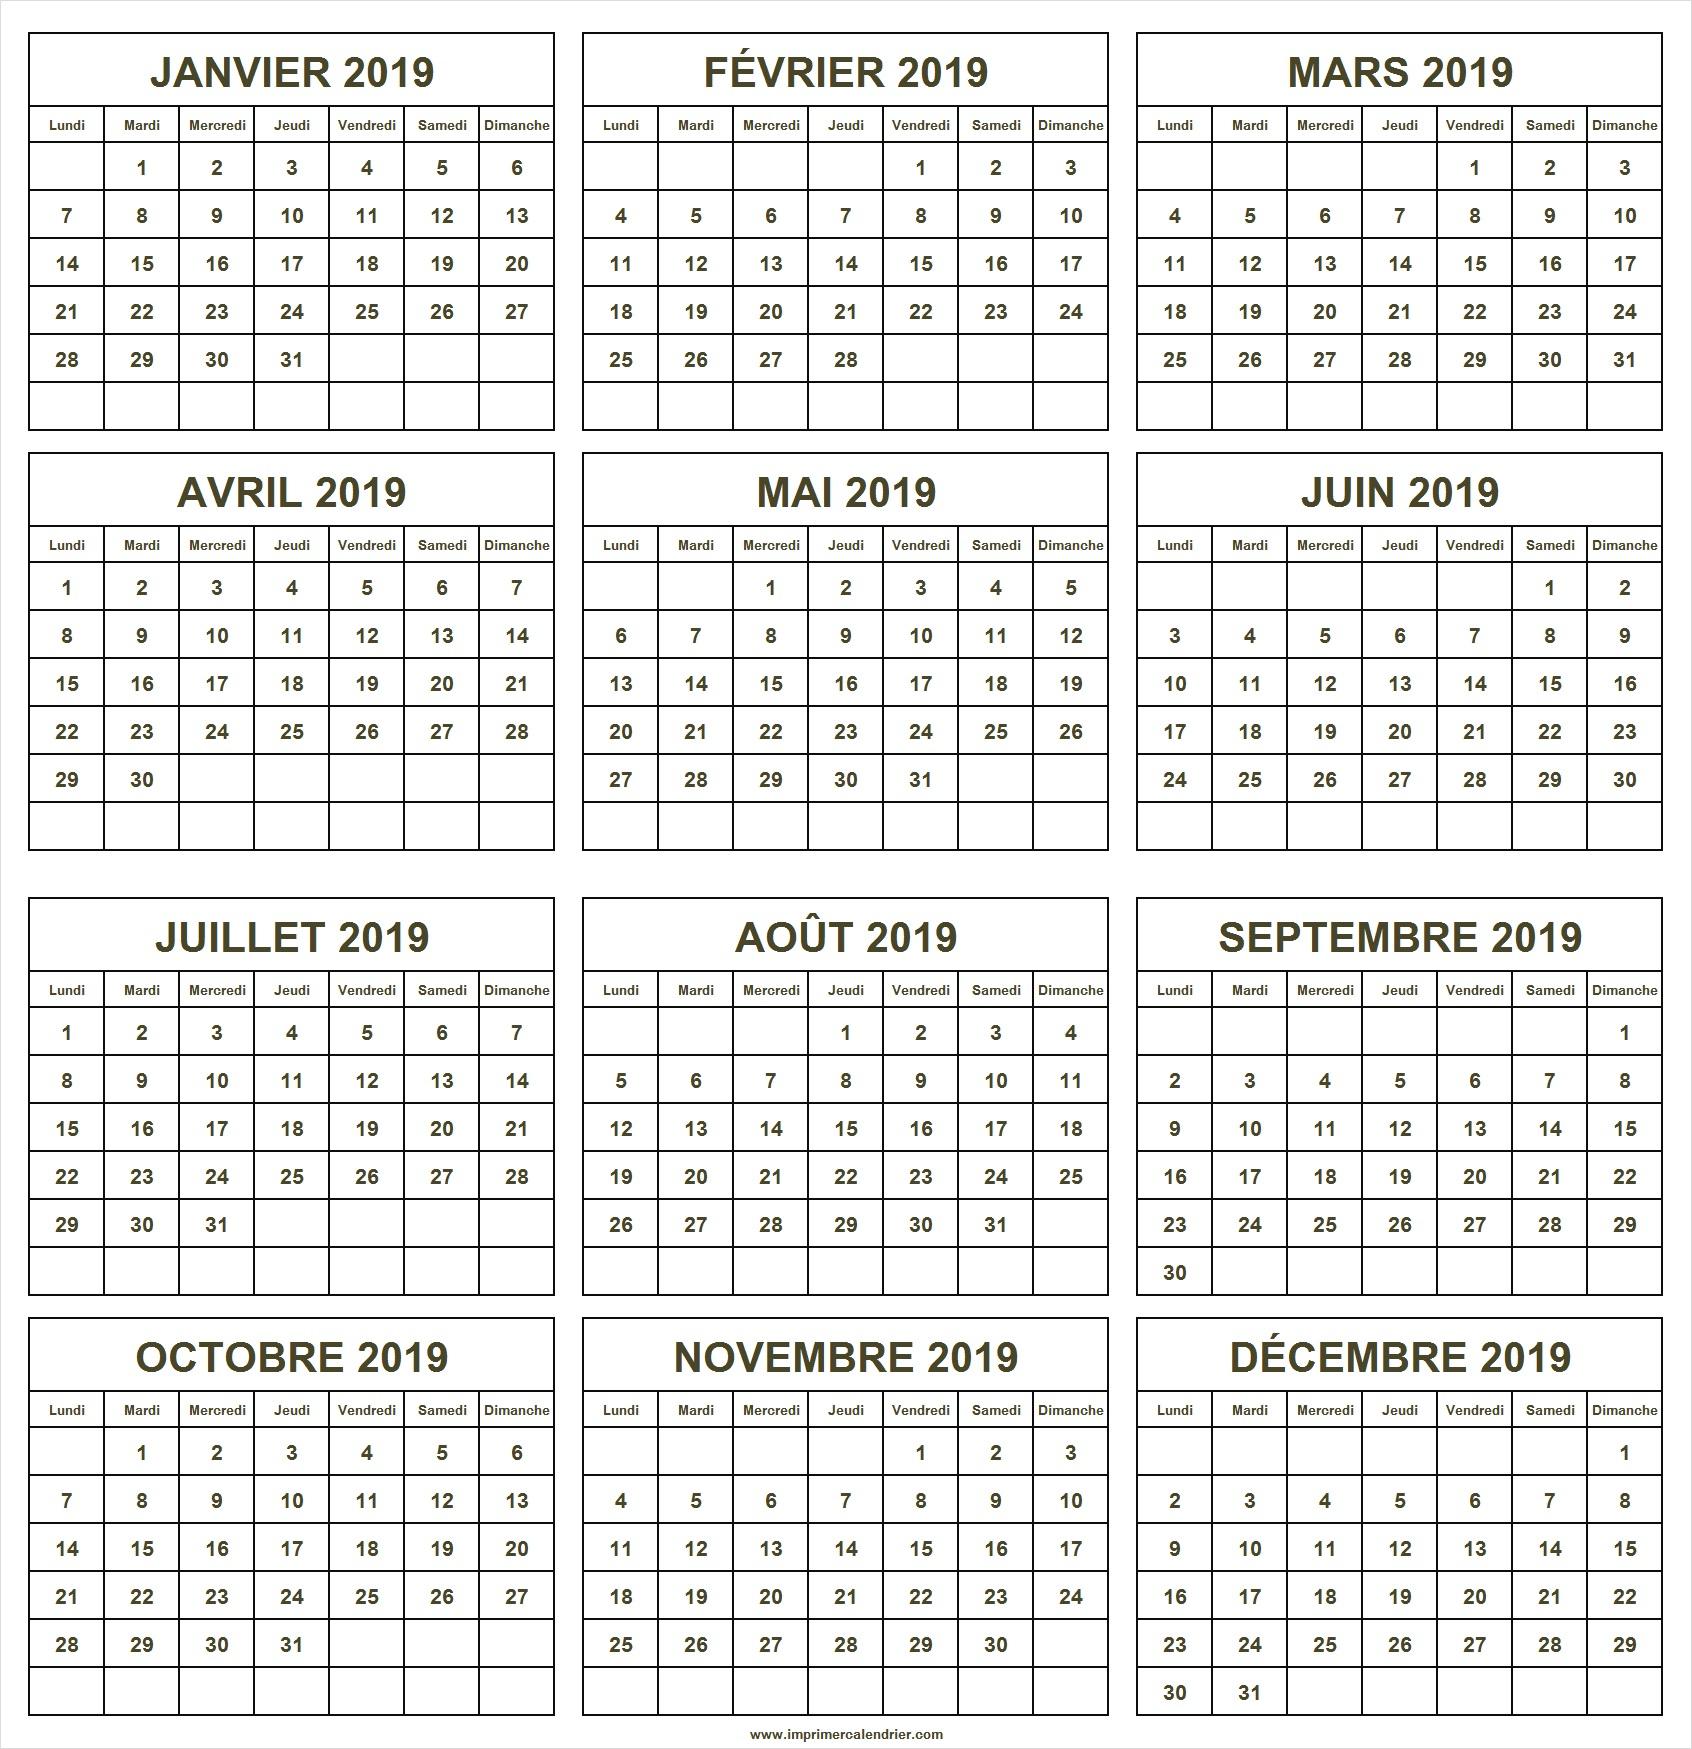 Calendrier 2019 À Imprimer Gratuit | Imprimer Calendrier 2019 destiné Calendrier Annuel 2019 À Imprimer Gratuit